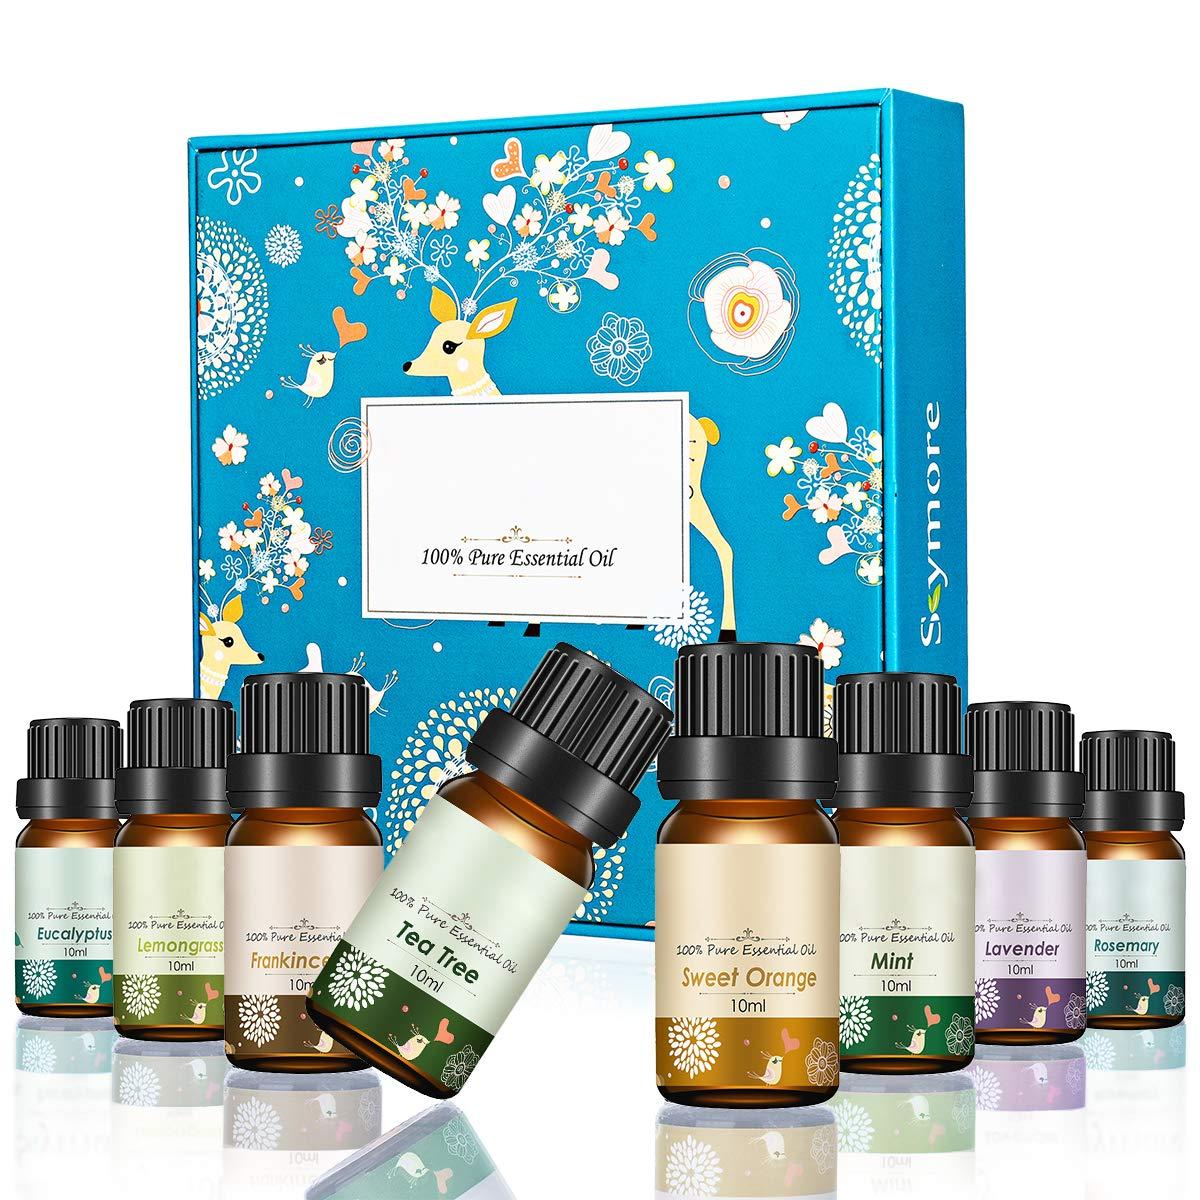 Janolia Aceites Esenciales, de Plantas Naturales para Aromaterapia, Set de Navidad Eucalipto, Hierba